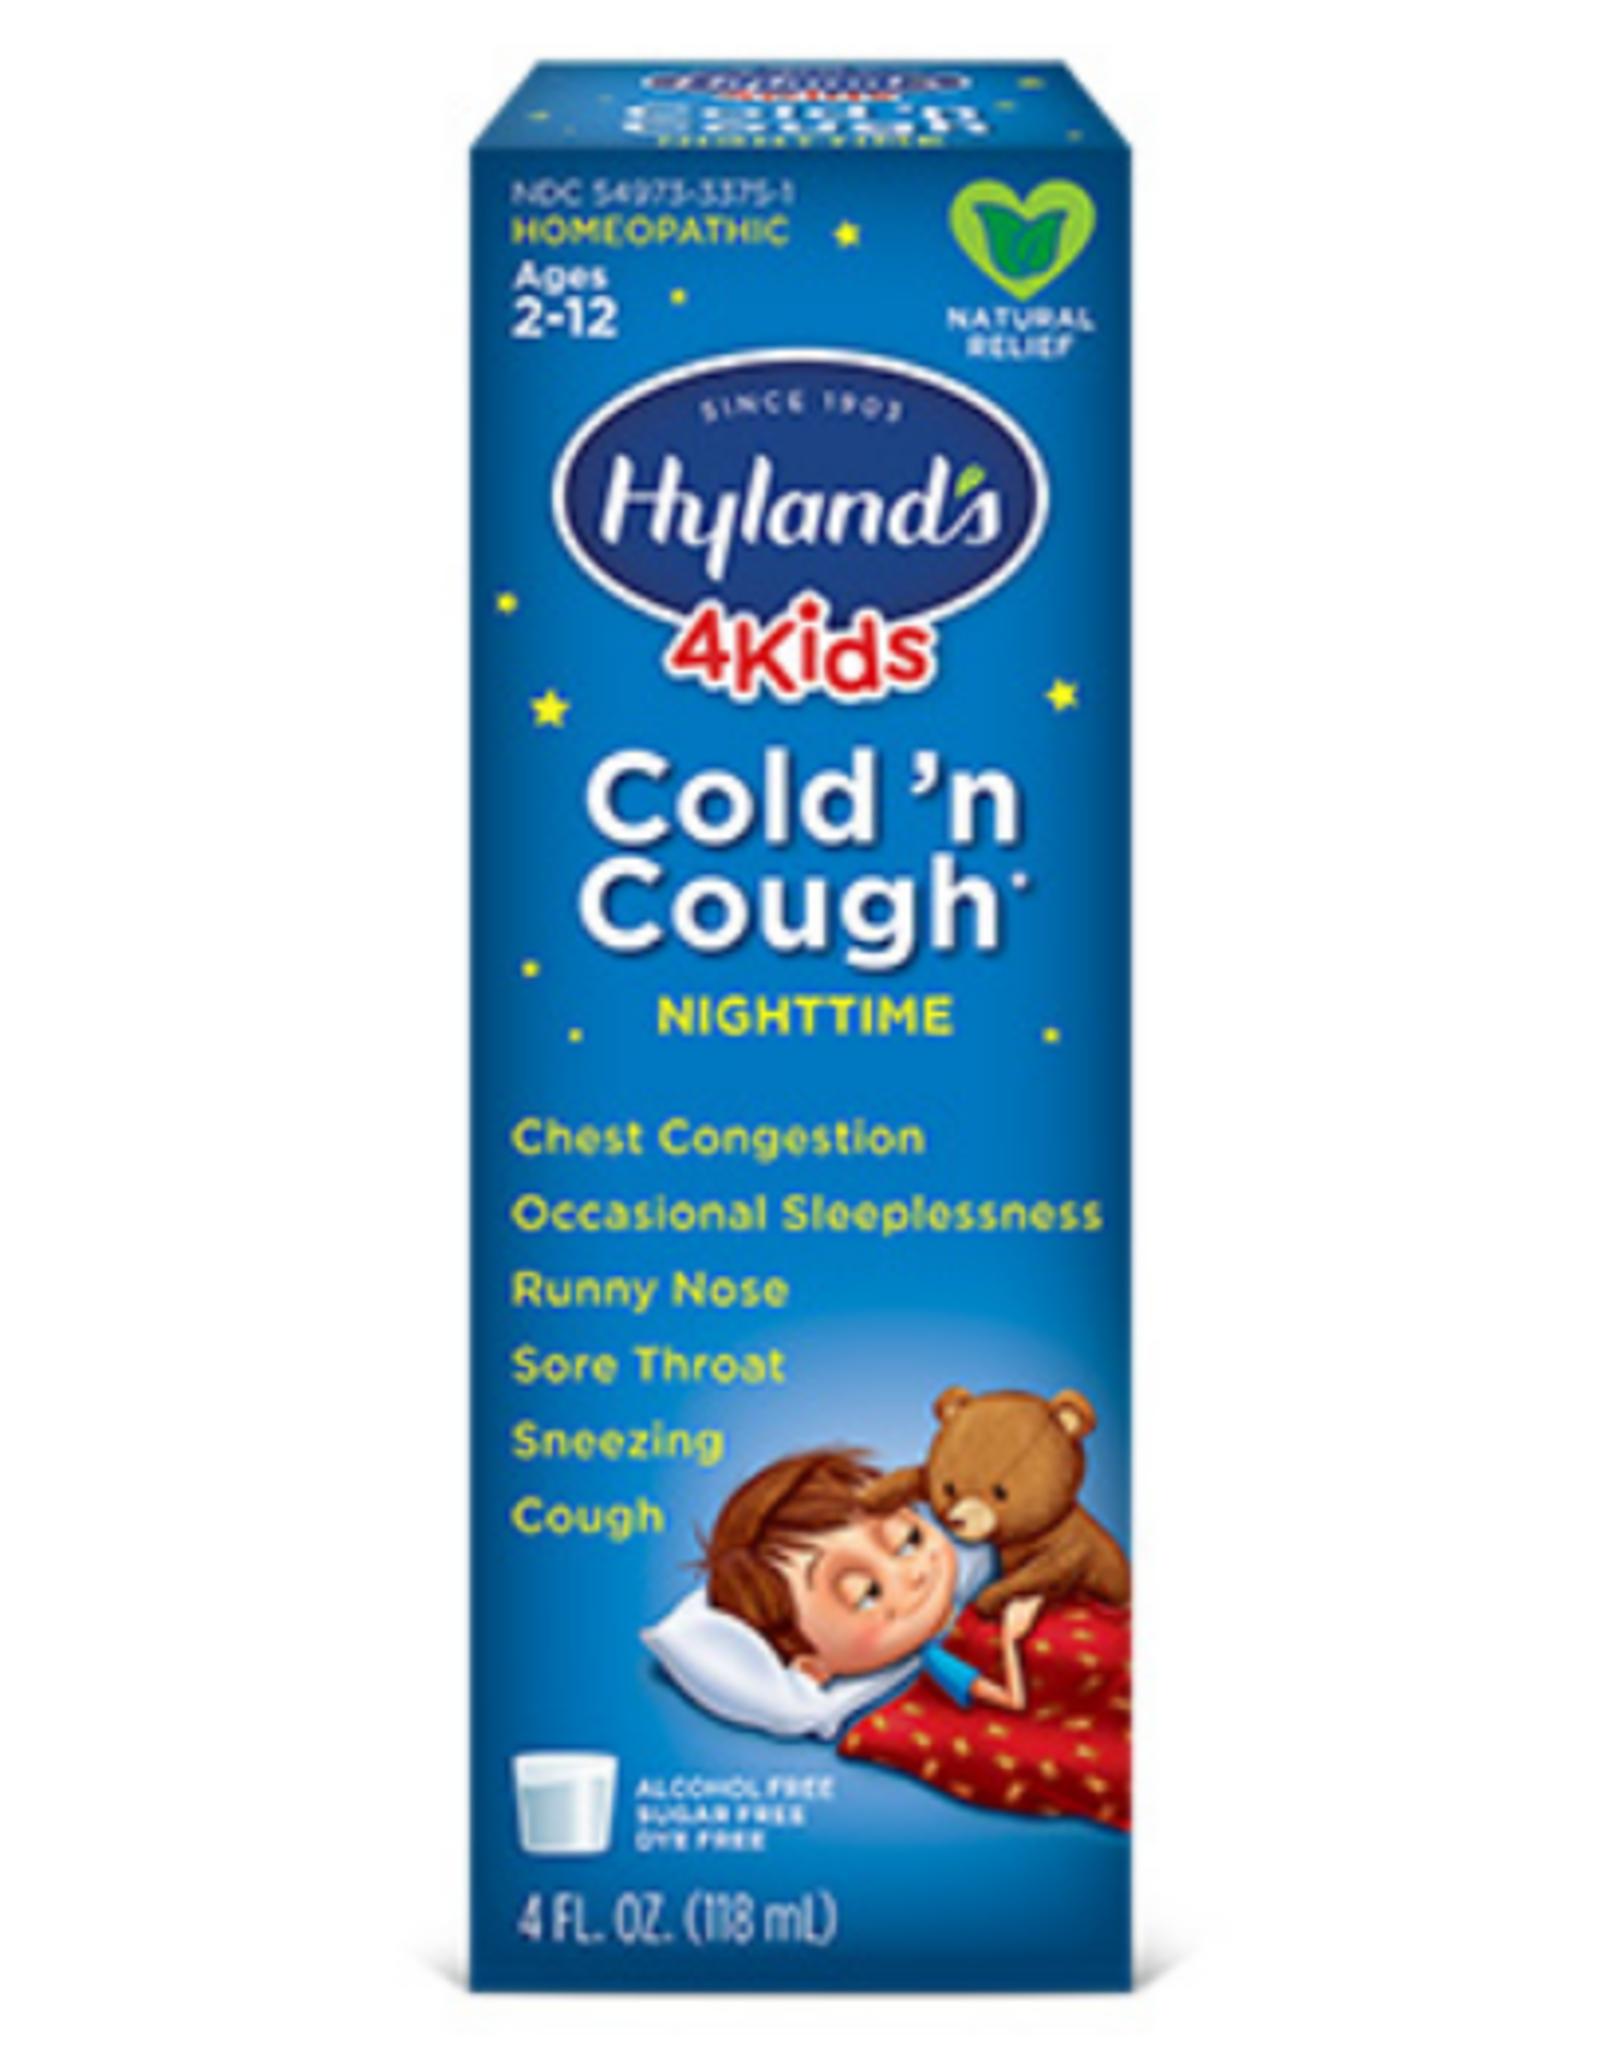 Hylands Kids Cold 'n Cough Nighttime - Natural Grape Flavor - 4 fl oz